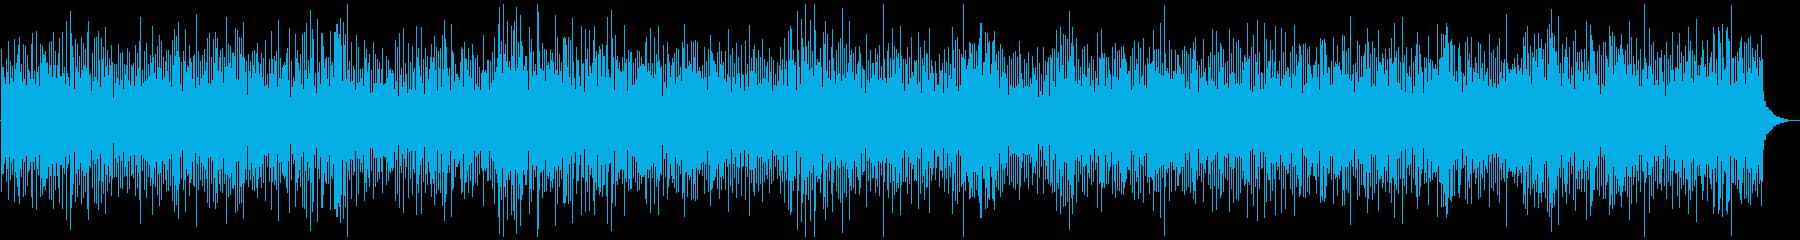 陽気なブルーグラス&ポルカの再生済みの波形